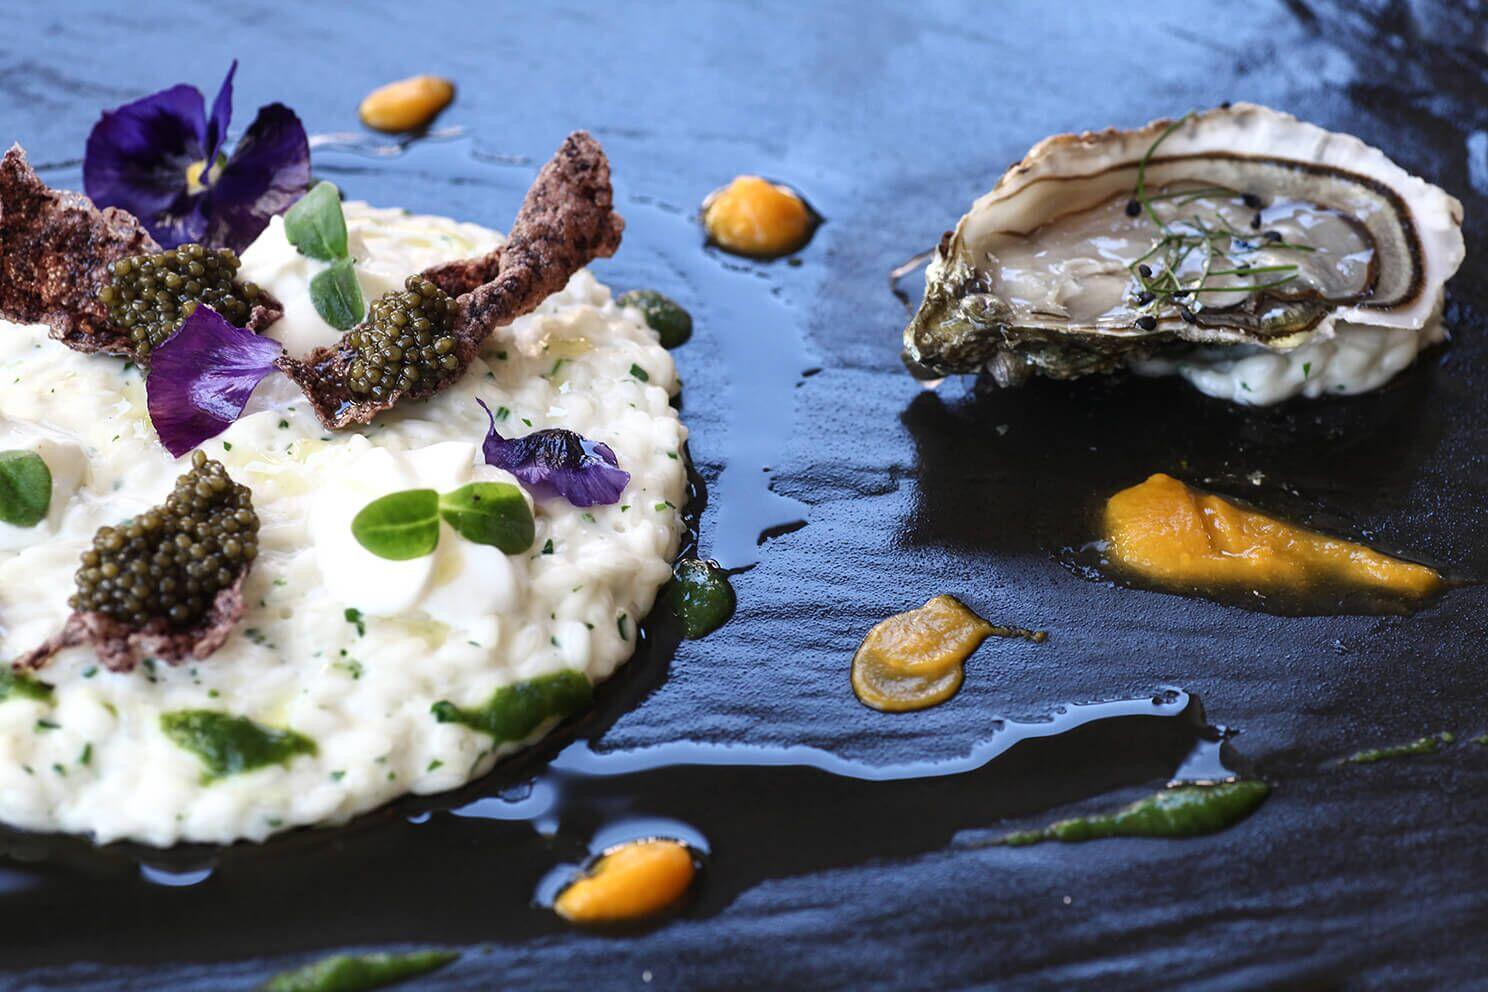 secondo piatto con ostriche